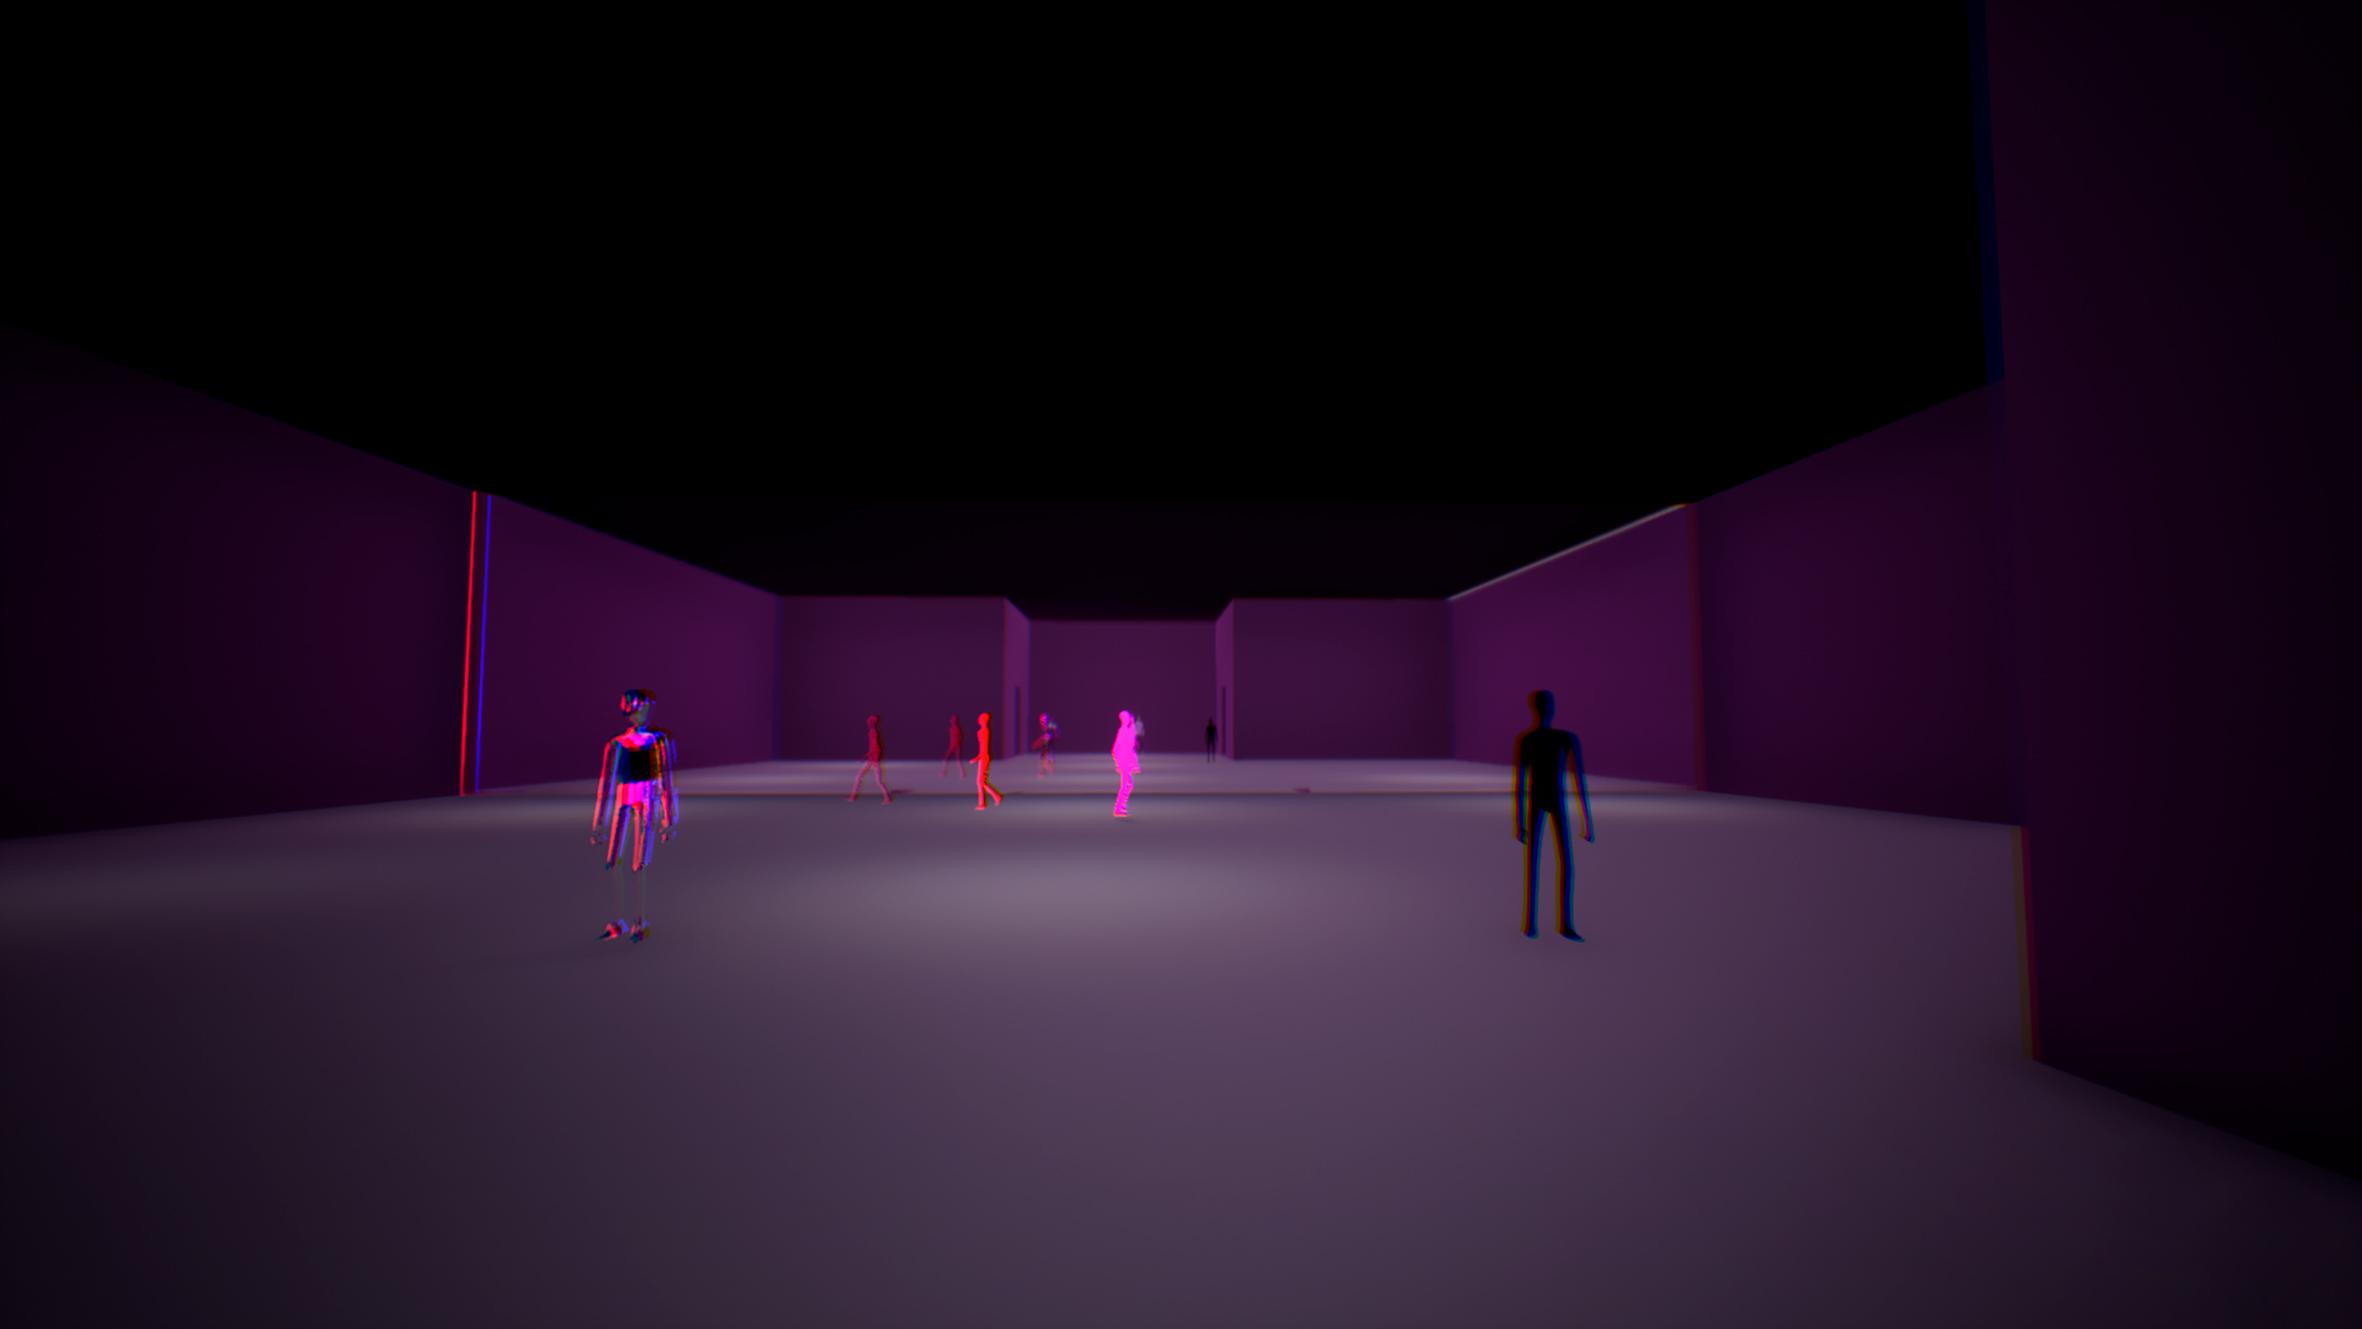 Kadry z gry wykonanej w technice animacji 3D